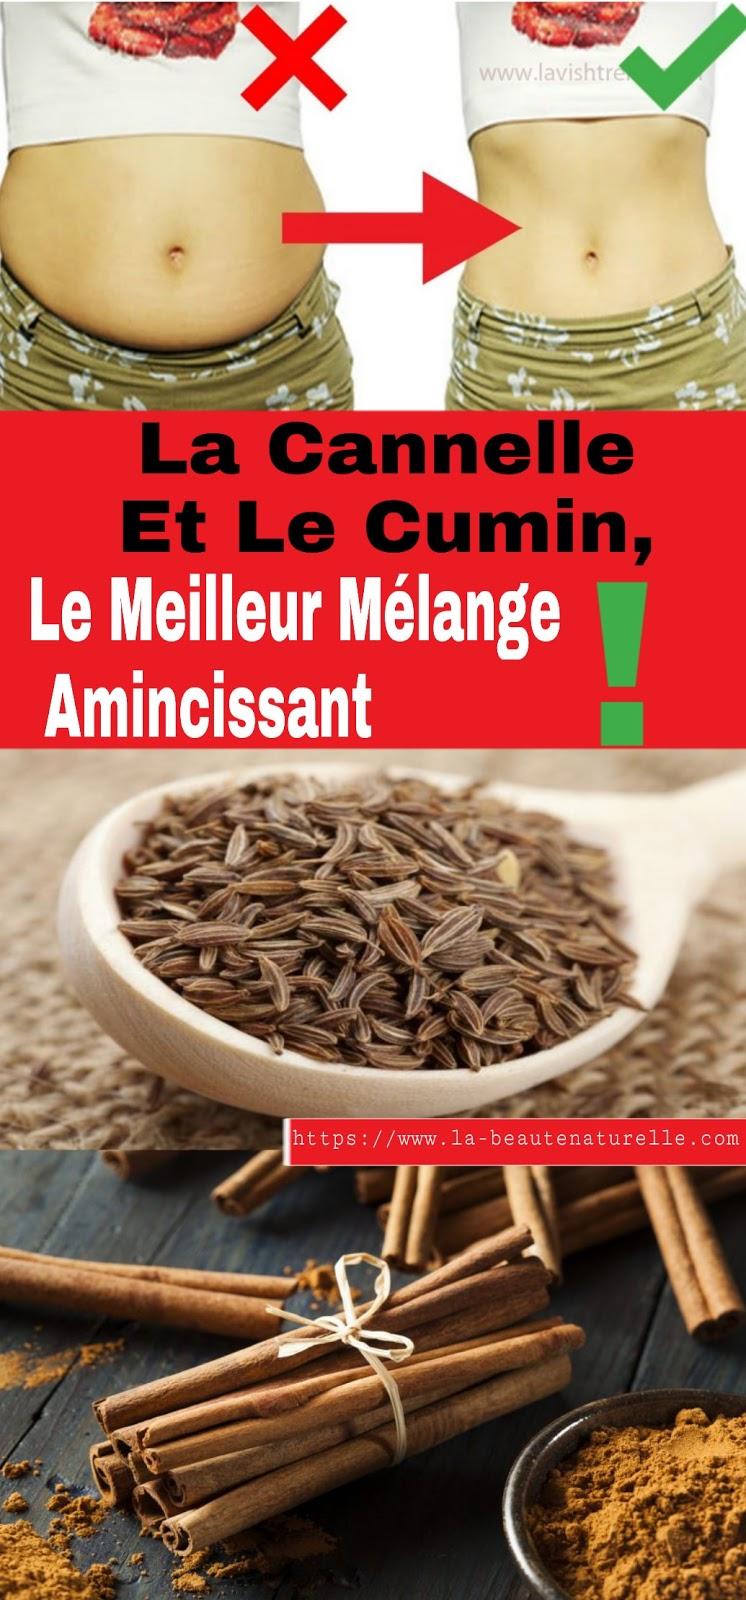 La Cannelle Et Le Cumin, Le Meilleur Mélange Amincissant!